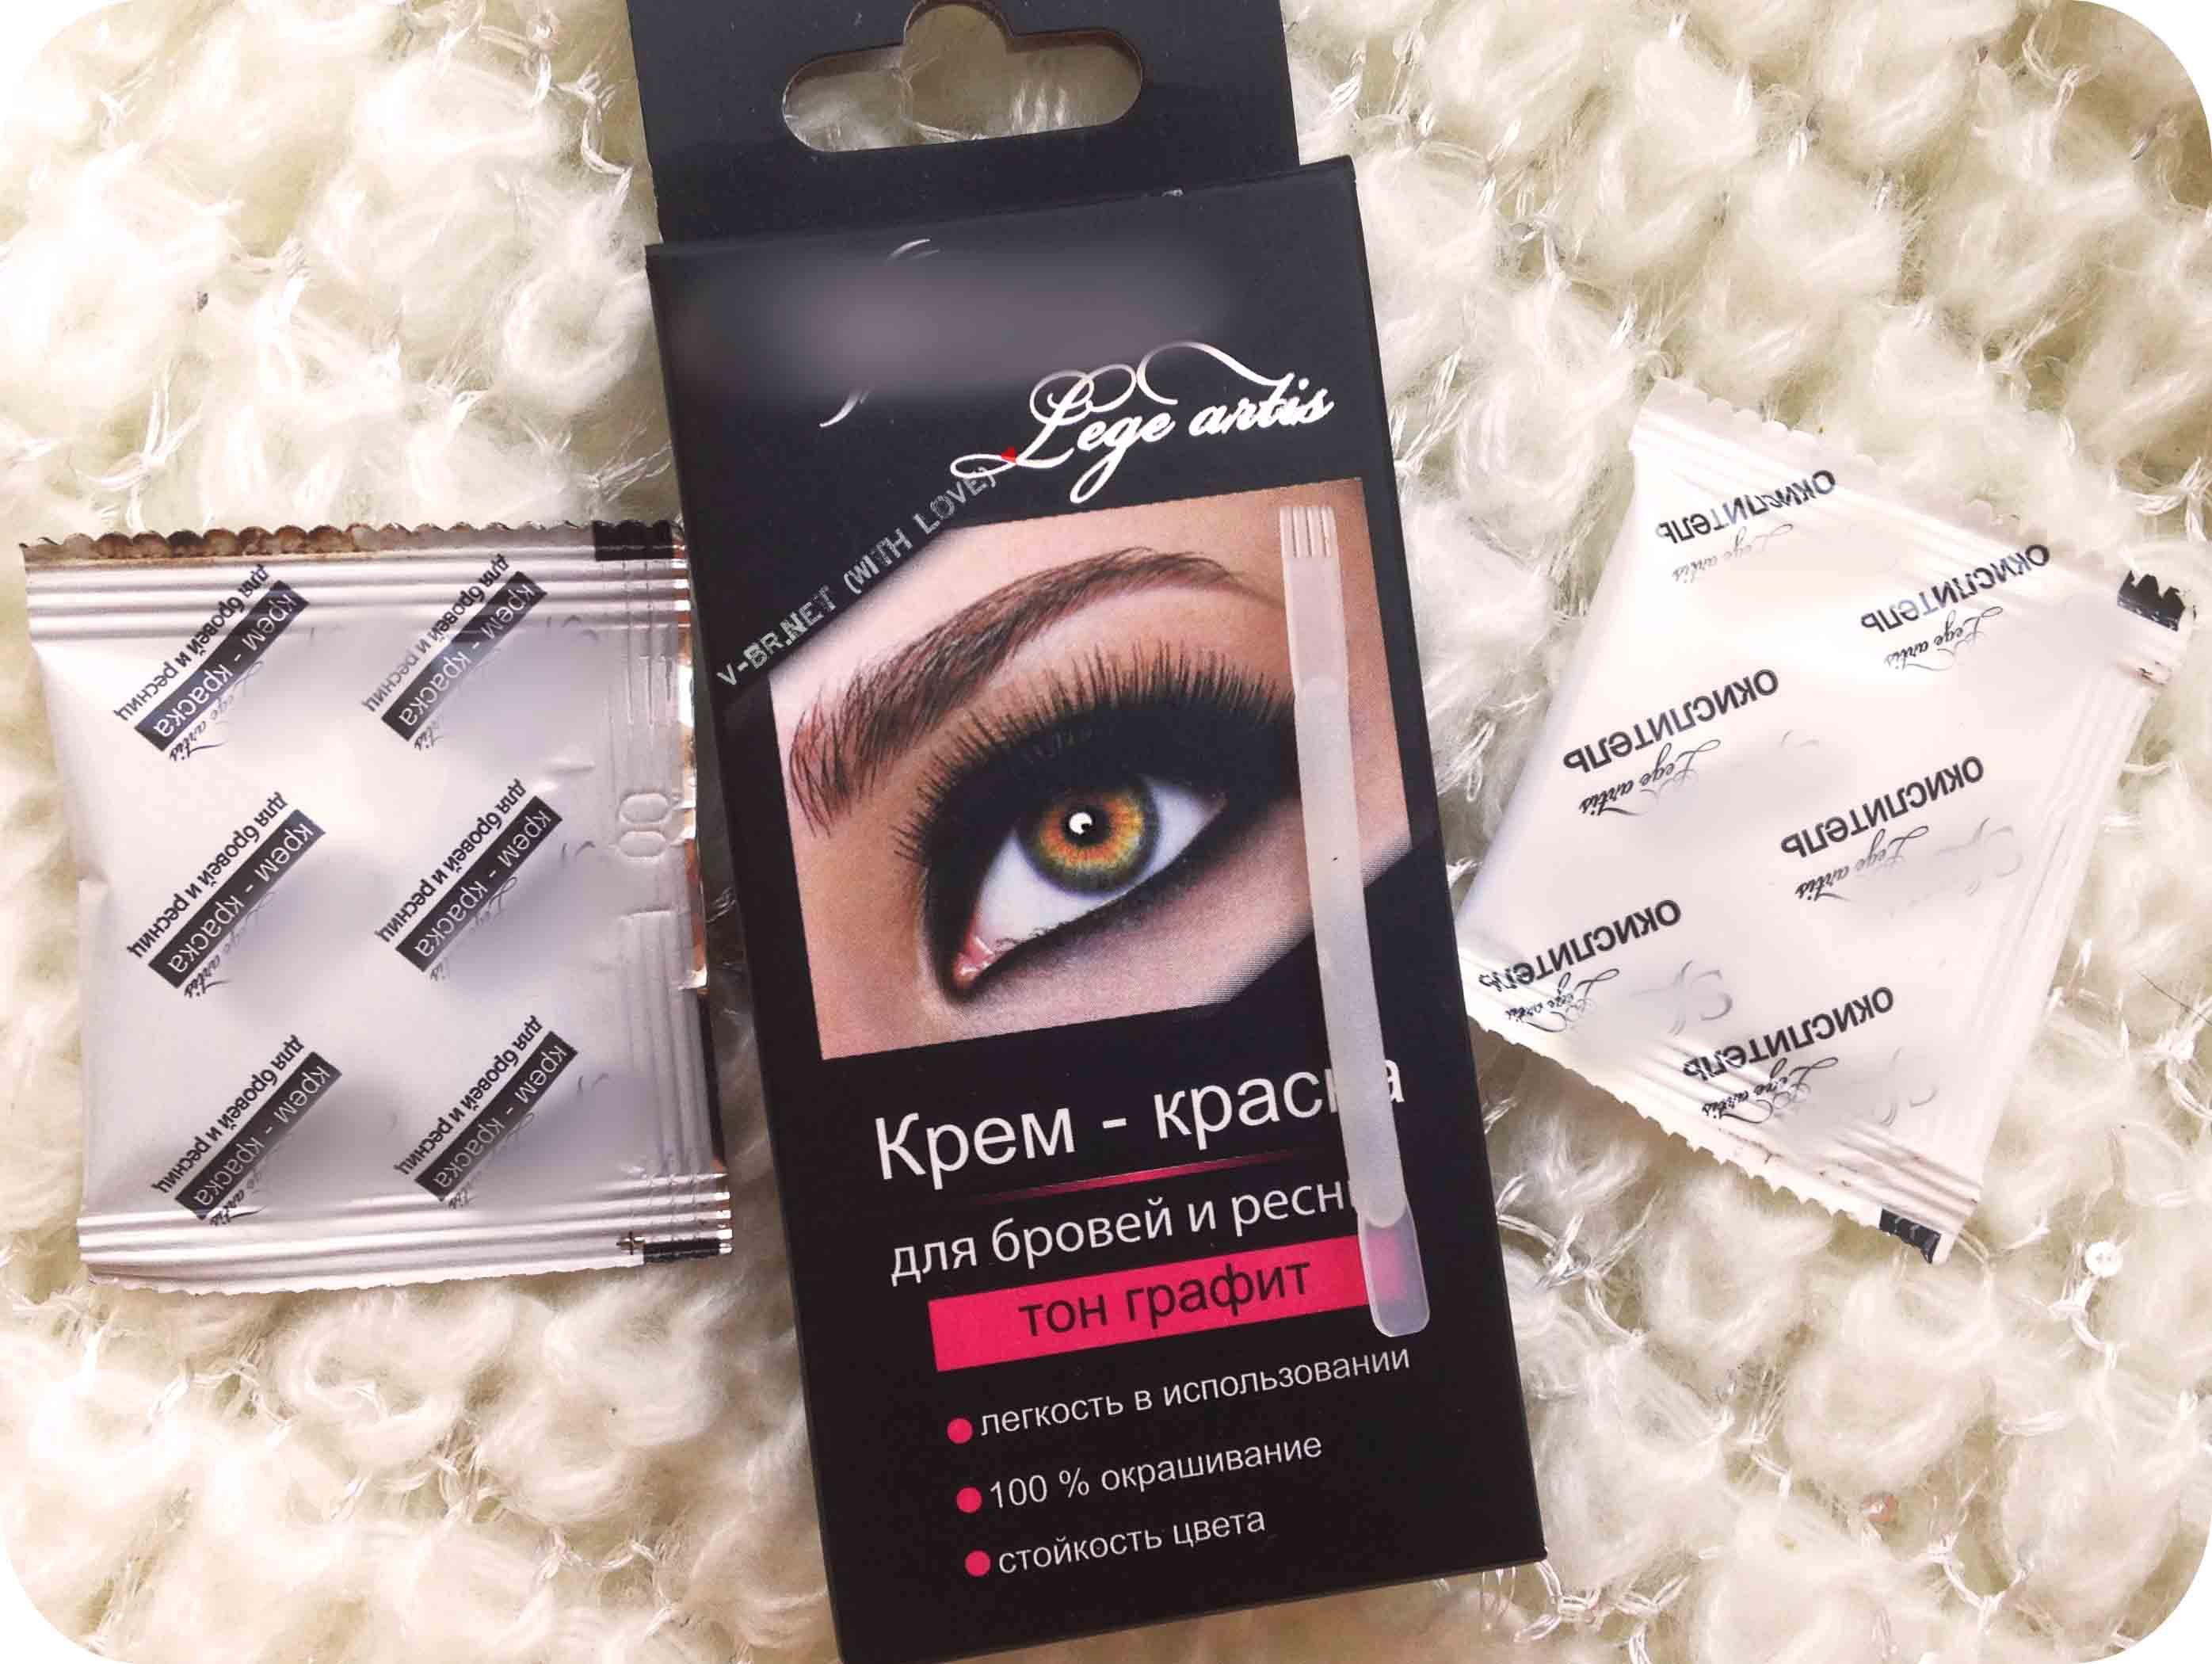 4-specialnaja-kraska Как покрасить ресницы в домашних условиях самой себе: как правильно и пошагово красить самостоятельно